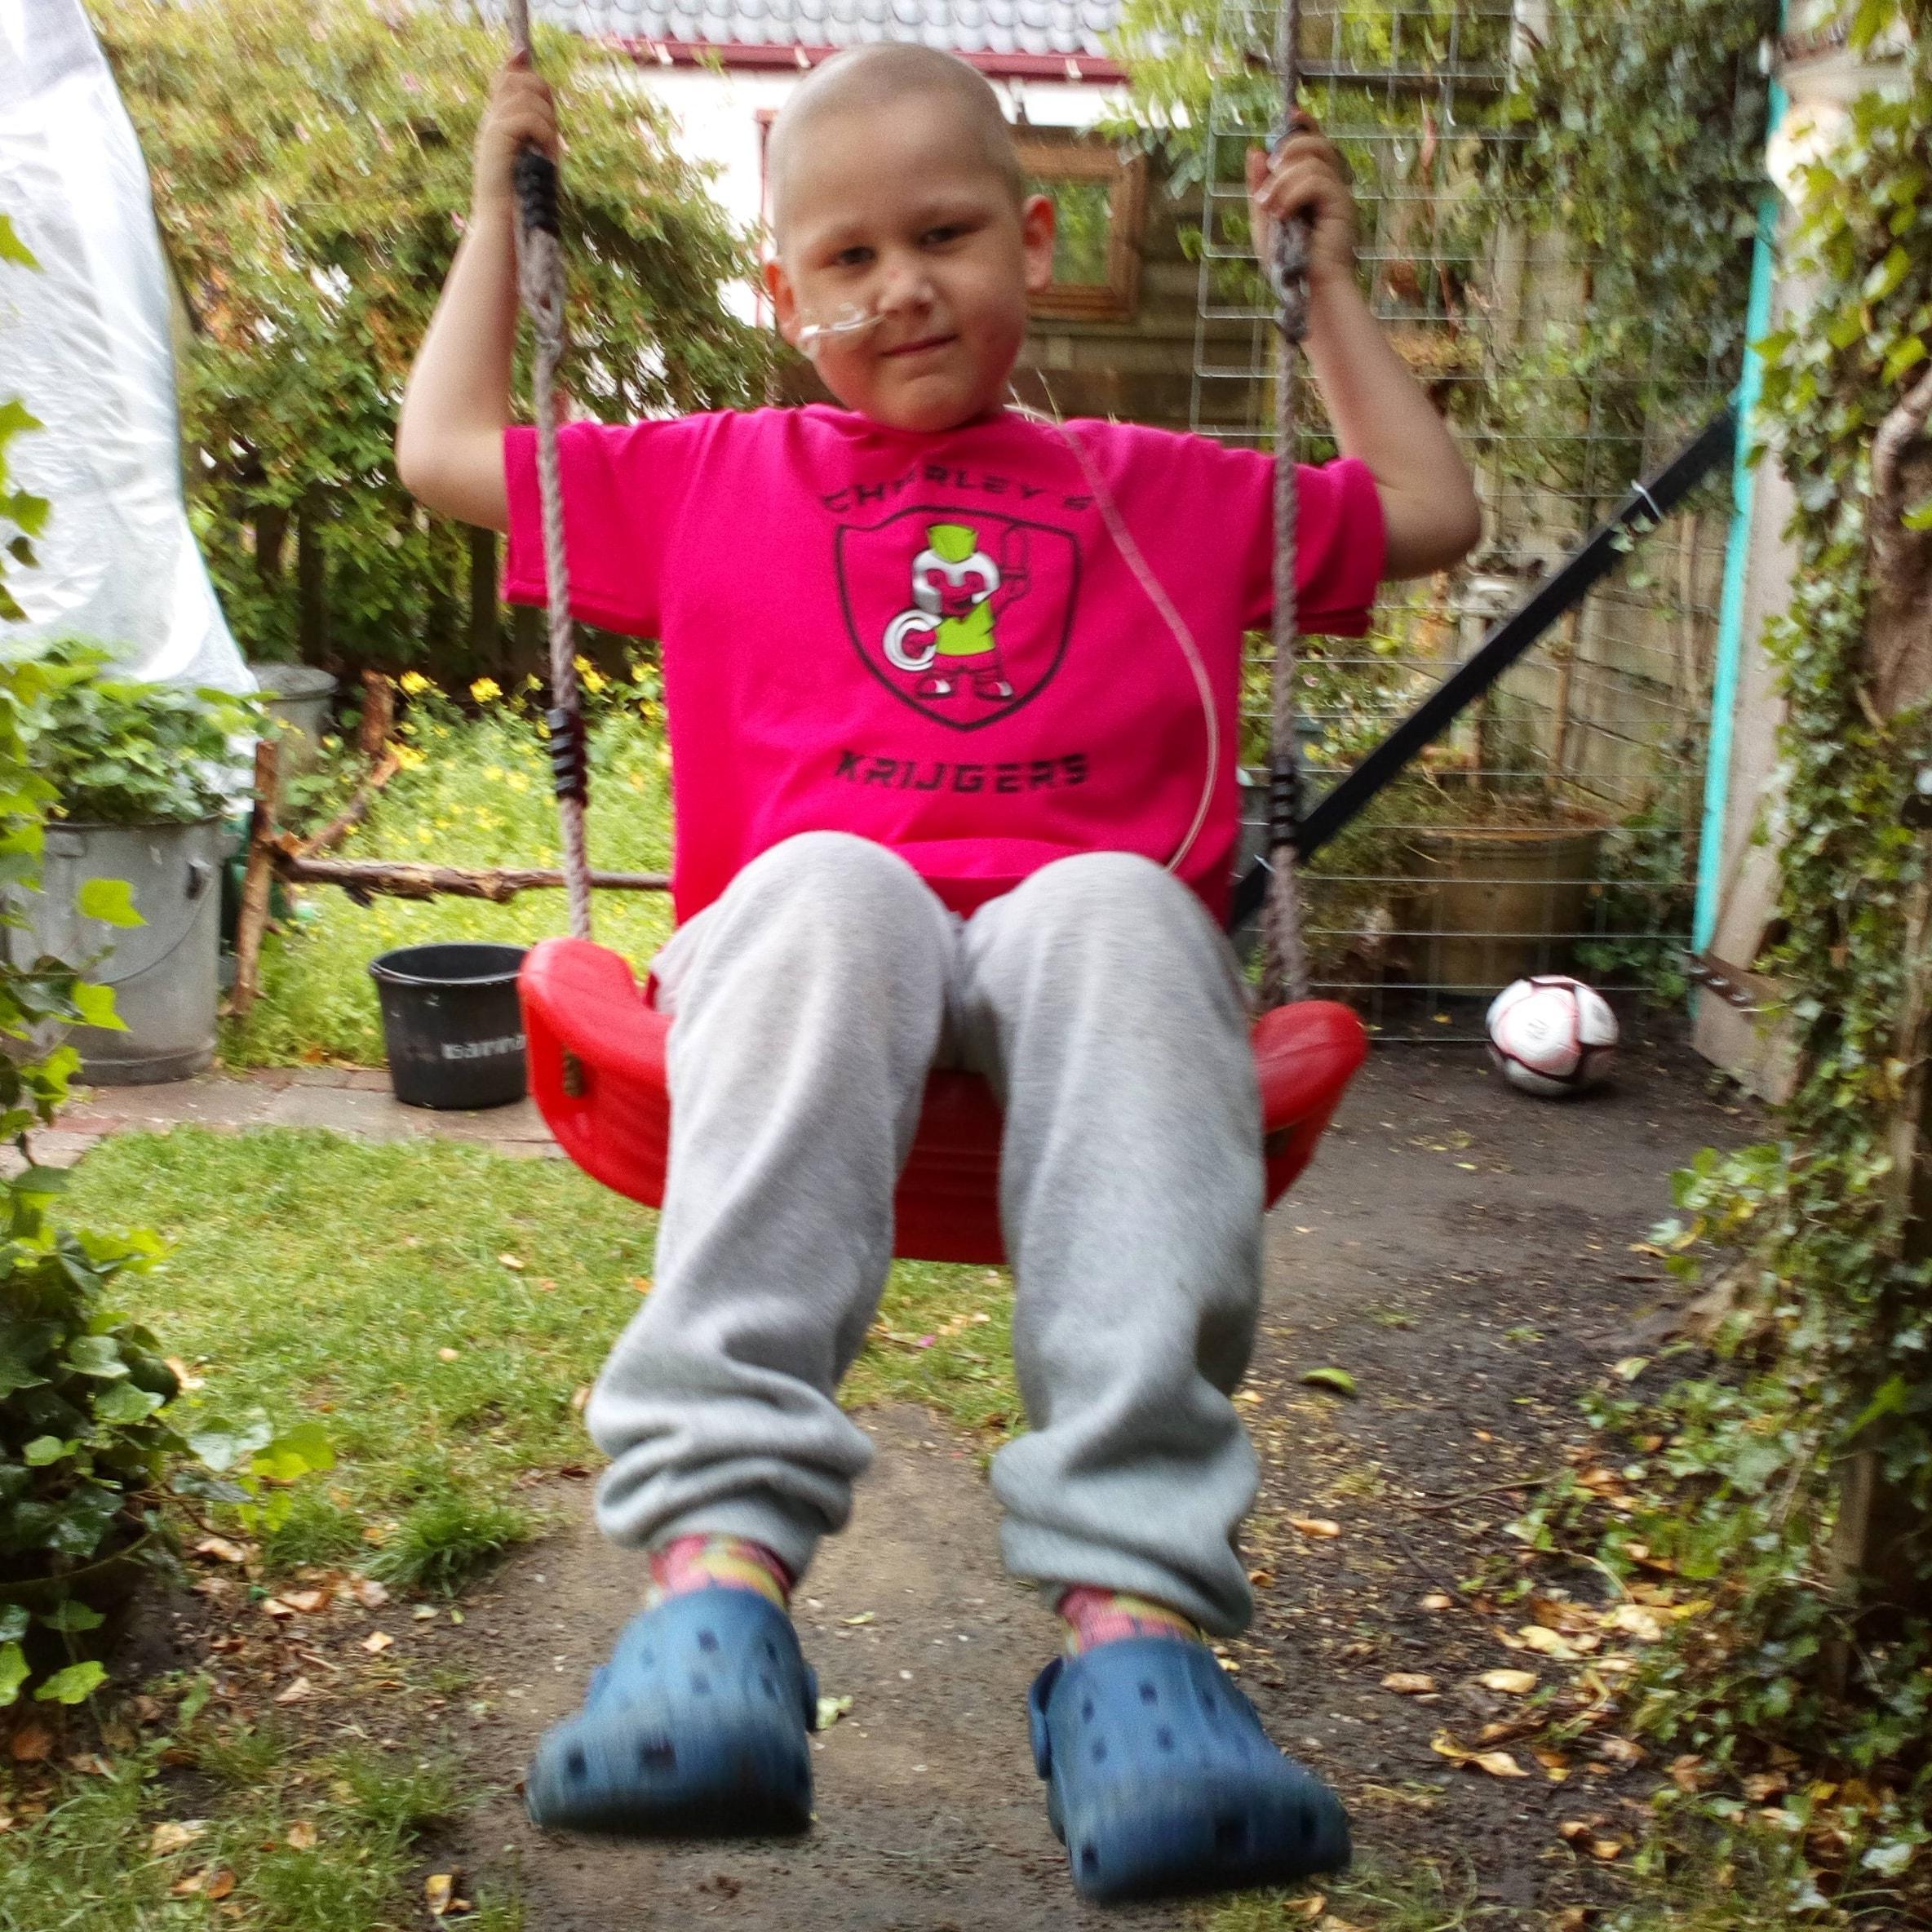 Crowdfundingsactie voor ernstig zieke Charley (7) uit Waarland